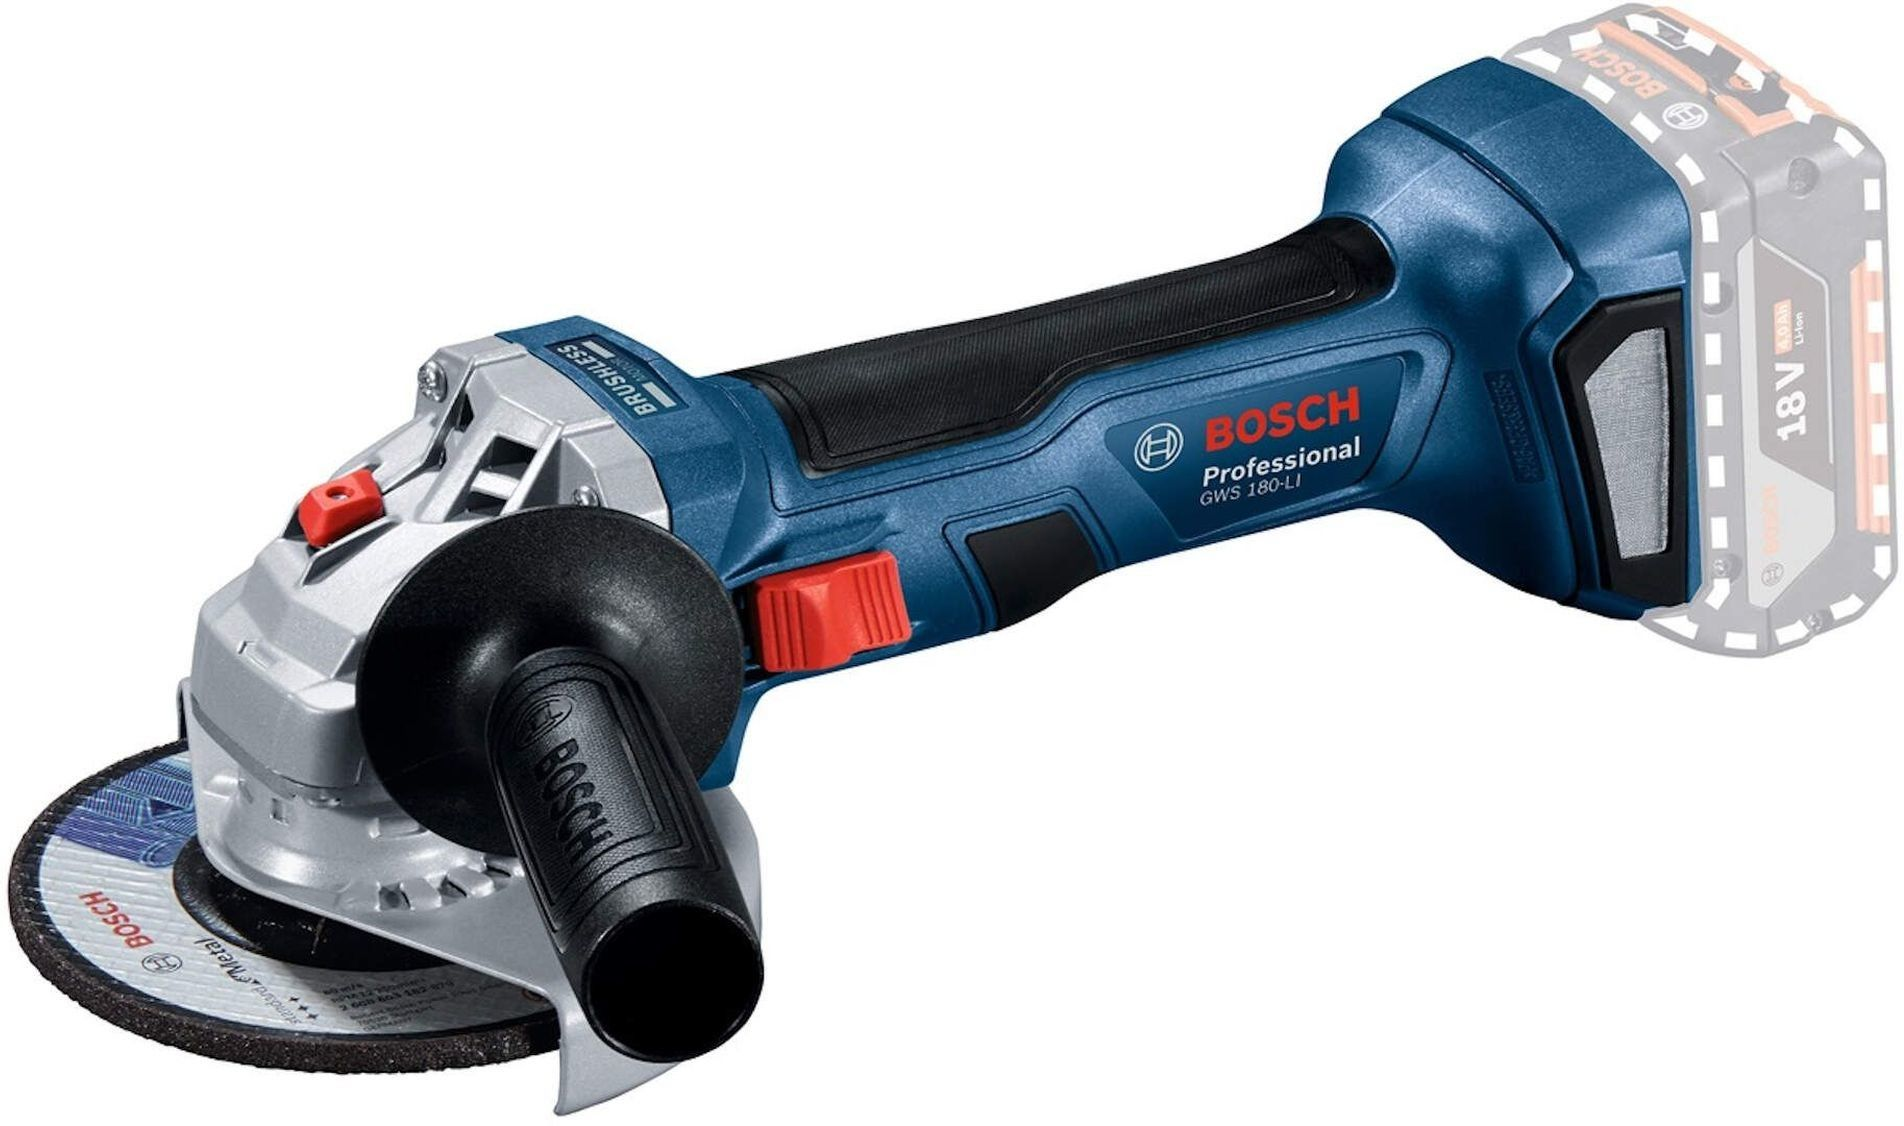 Szlifierka kątowa Bosch professional GWS 180-LI bez akumulatora